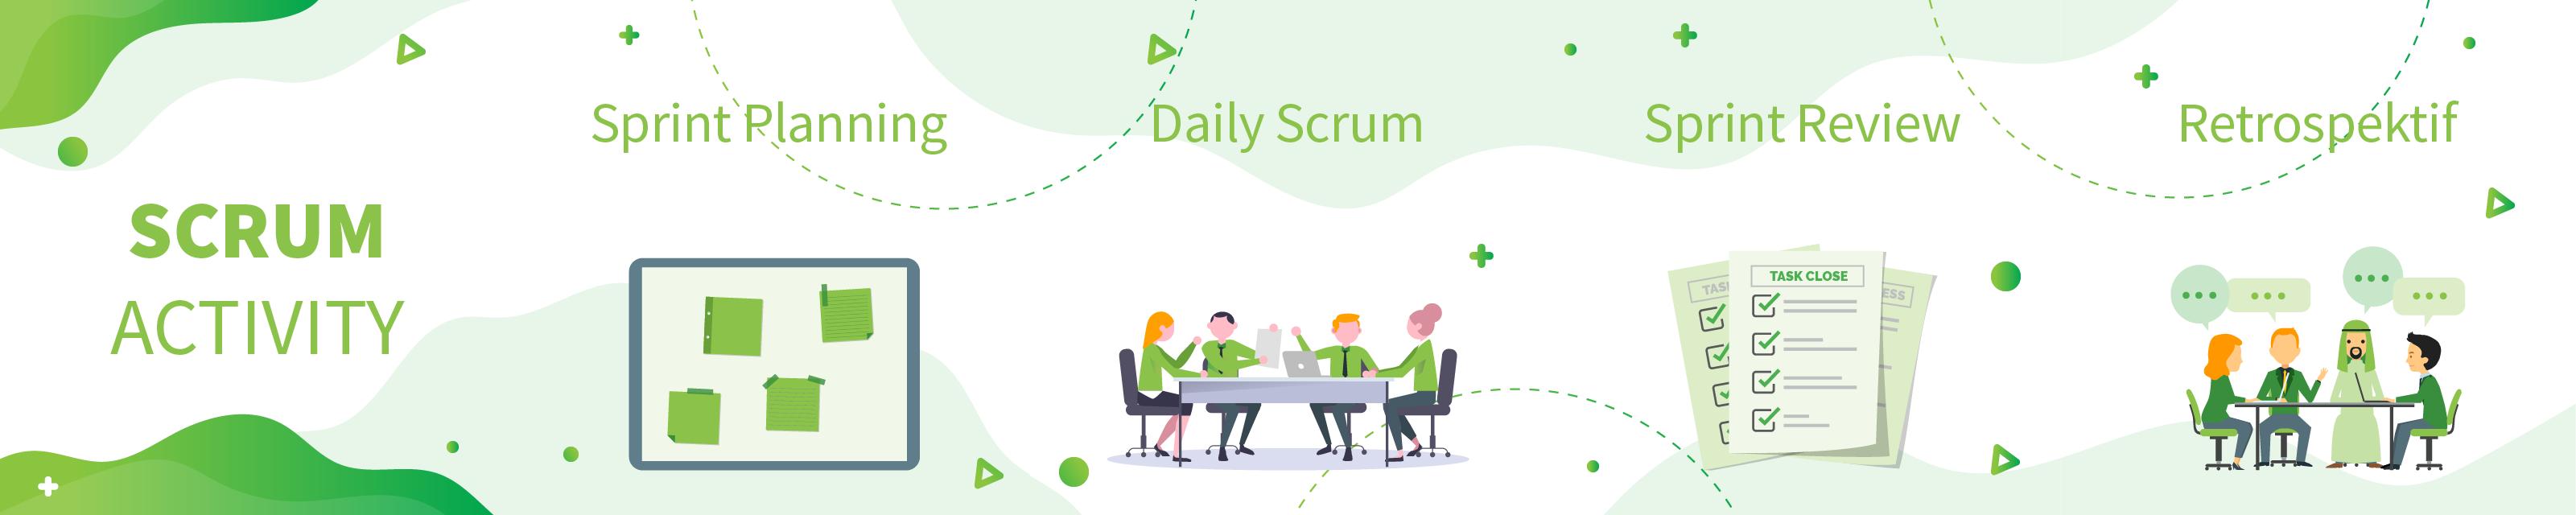 Aktifitas SCRUM Sebagai Kerangka Kerja Sederhana Untuk Pengembangan Produk